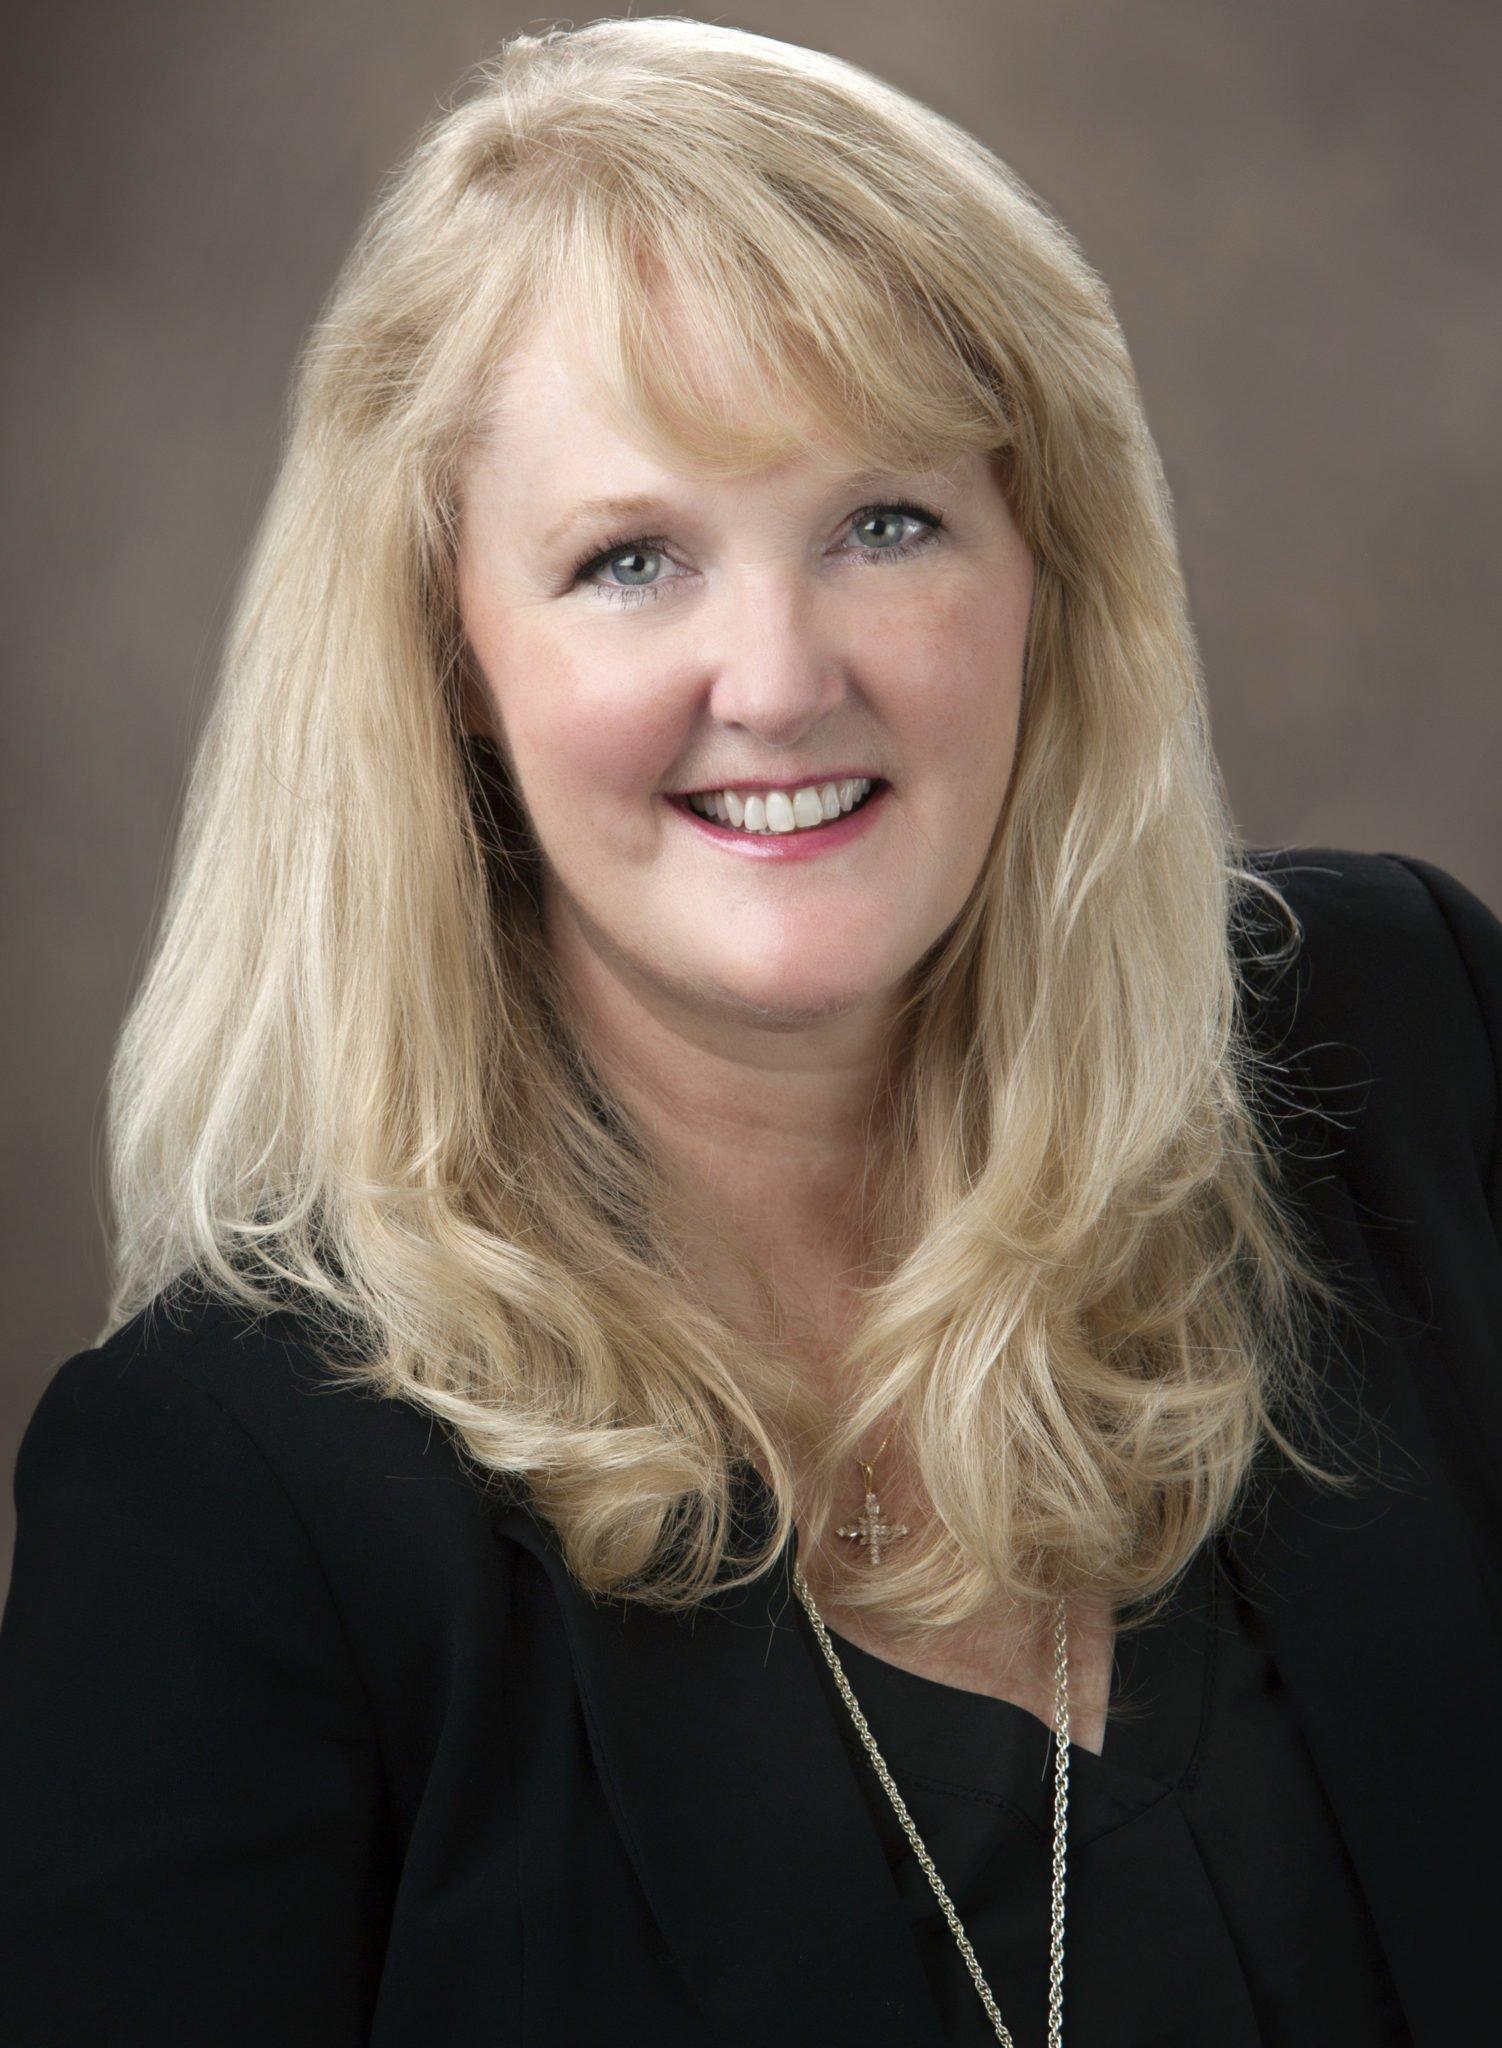 Kelly Olafsson